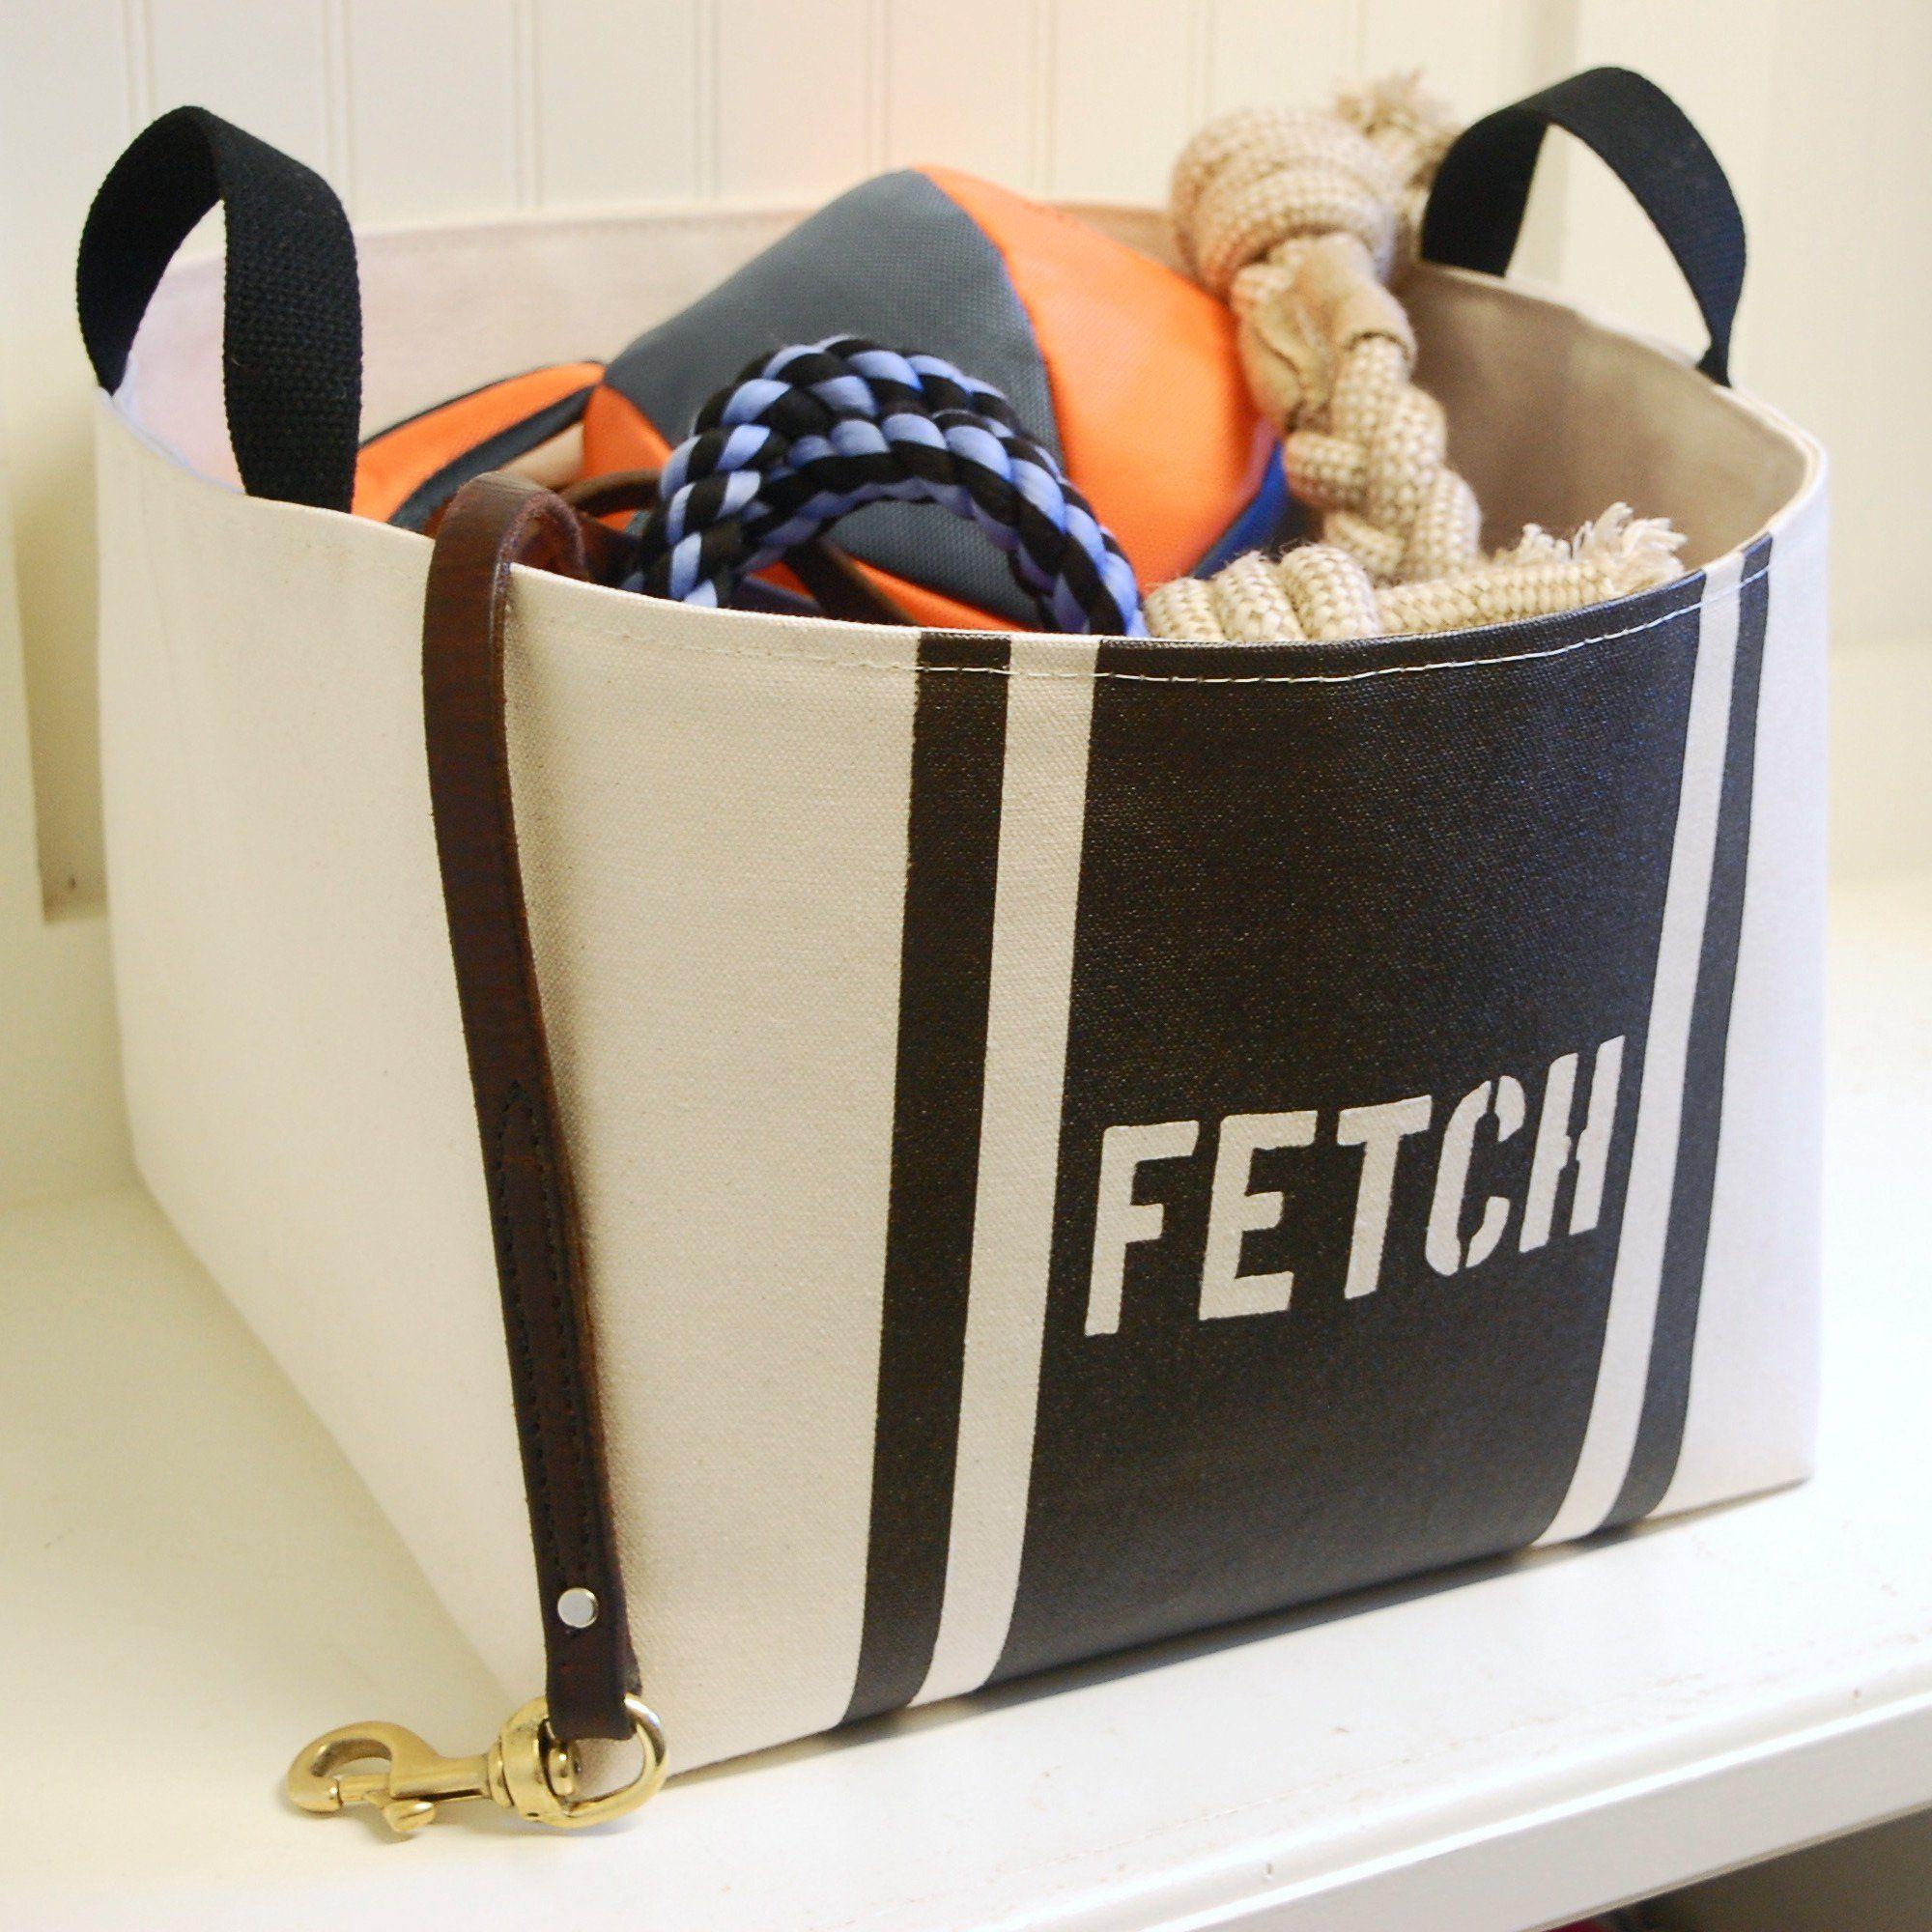 Fetch Dog Toy Basket Storage Bins Stuffed Animal Storage Dog